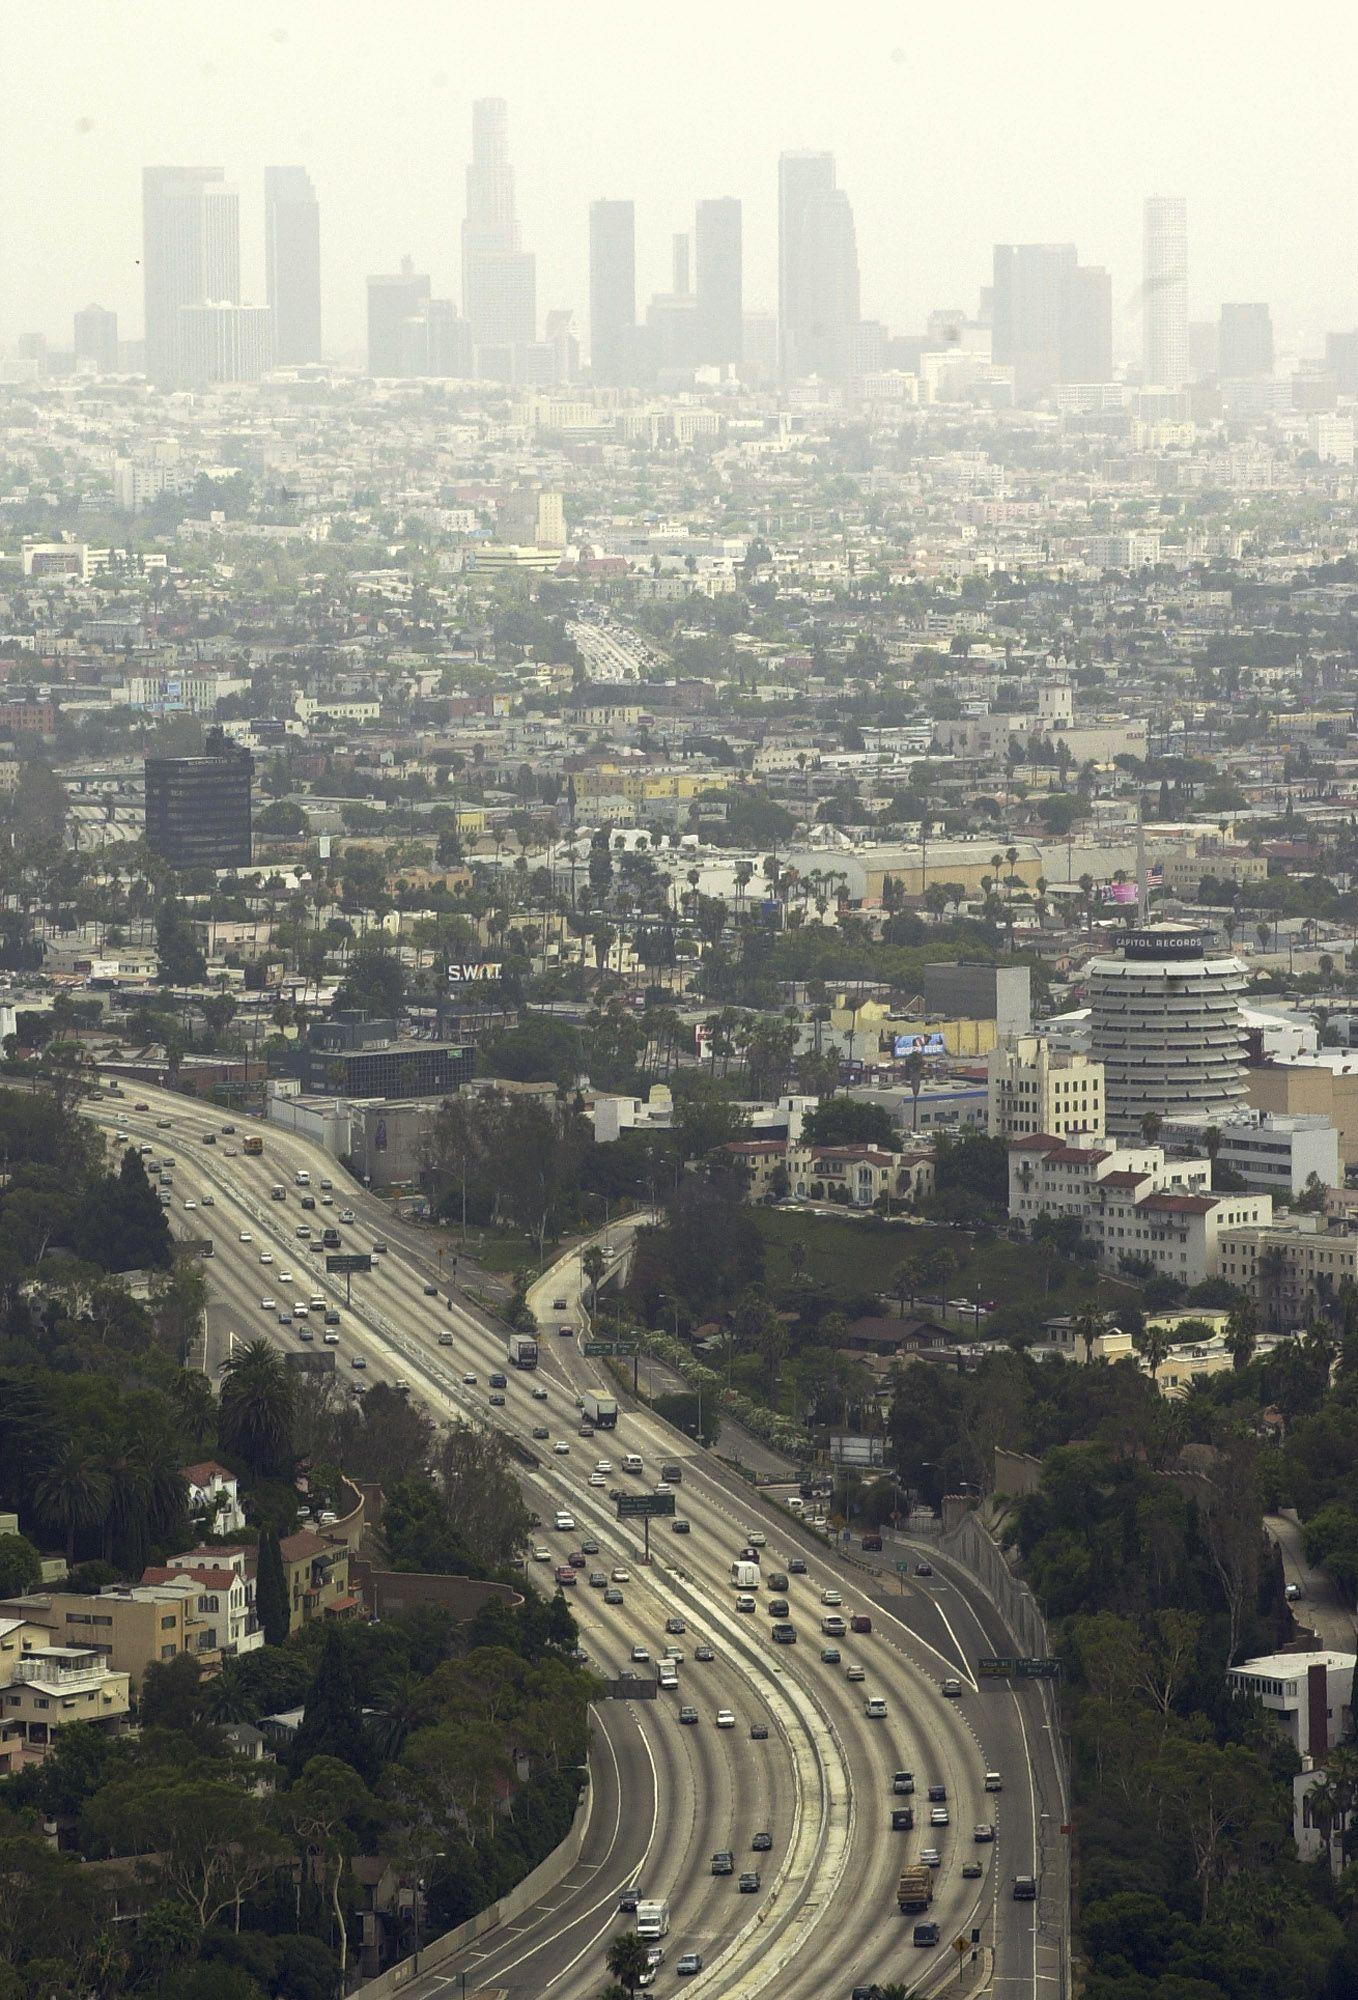 Los Angeles busca reducir la contaminación del aire. /ArchivoLos Angeles busca reducir la contaminación del aire. /Archivo